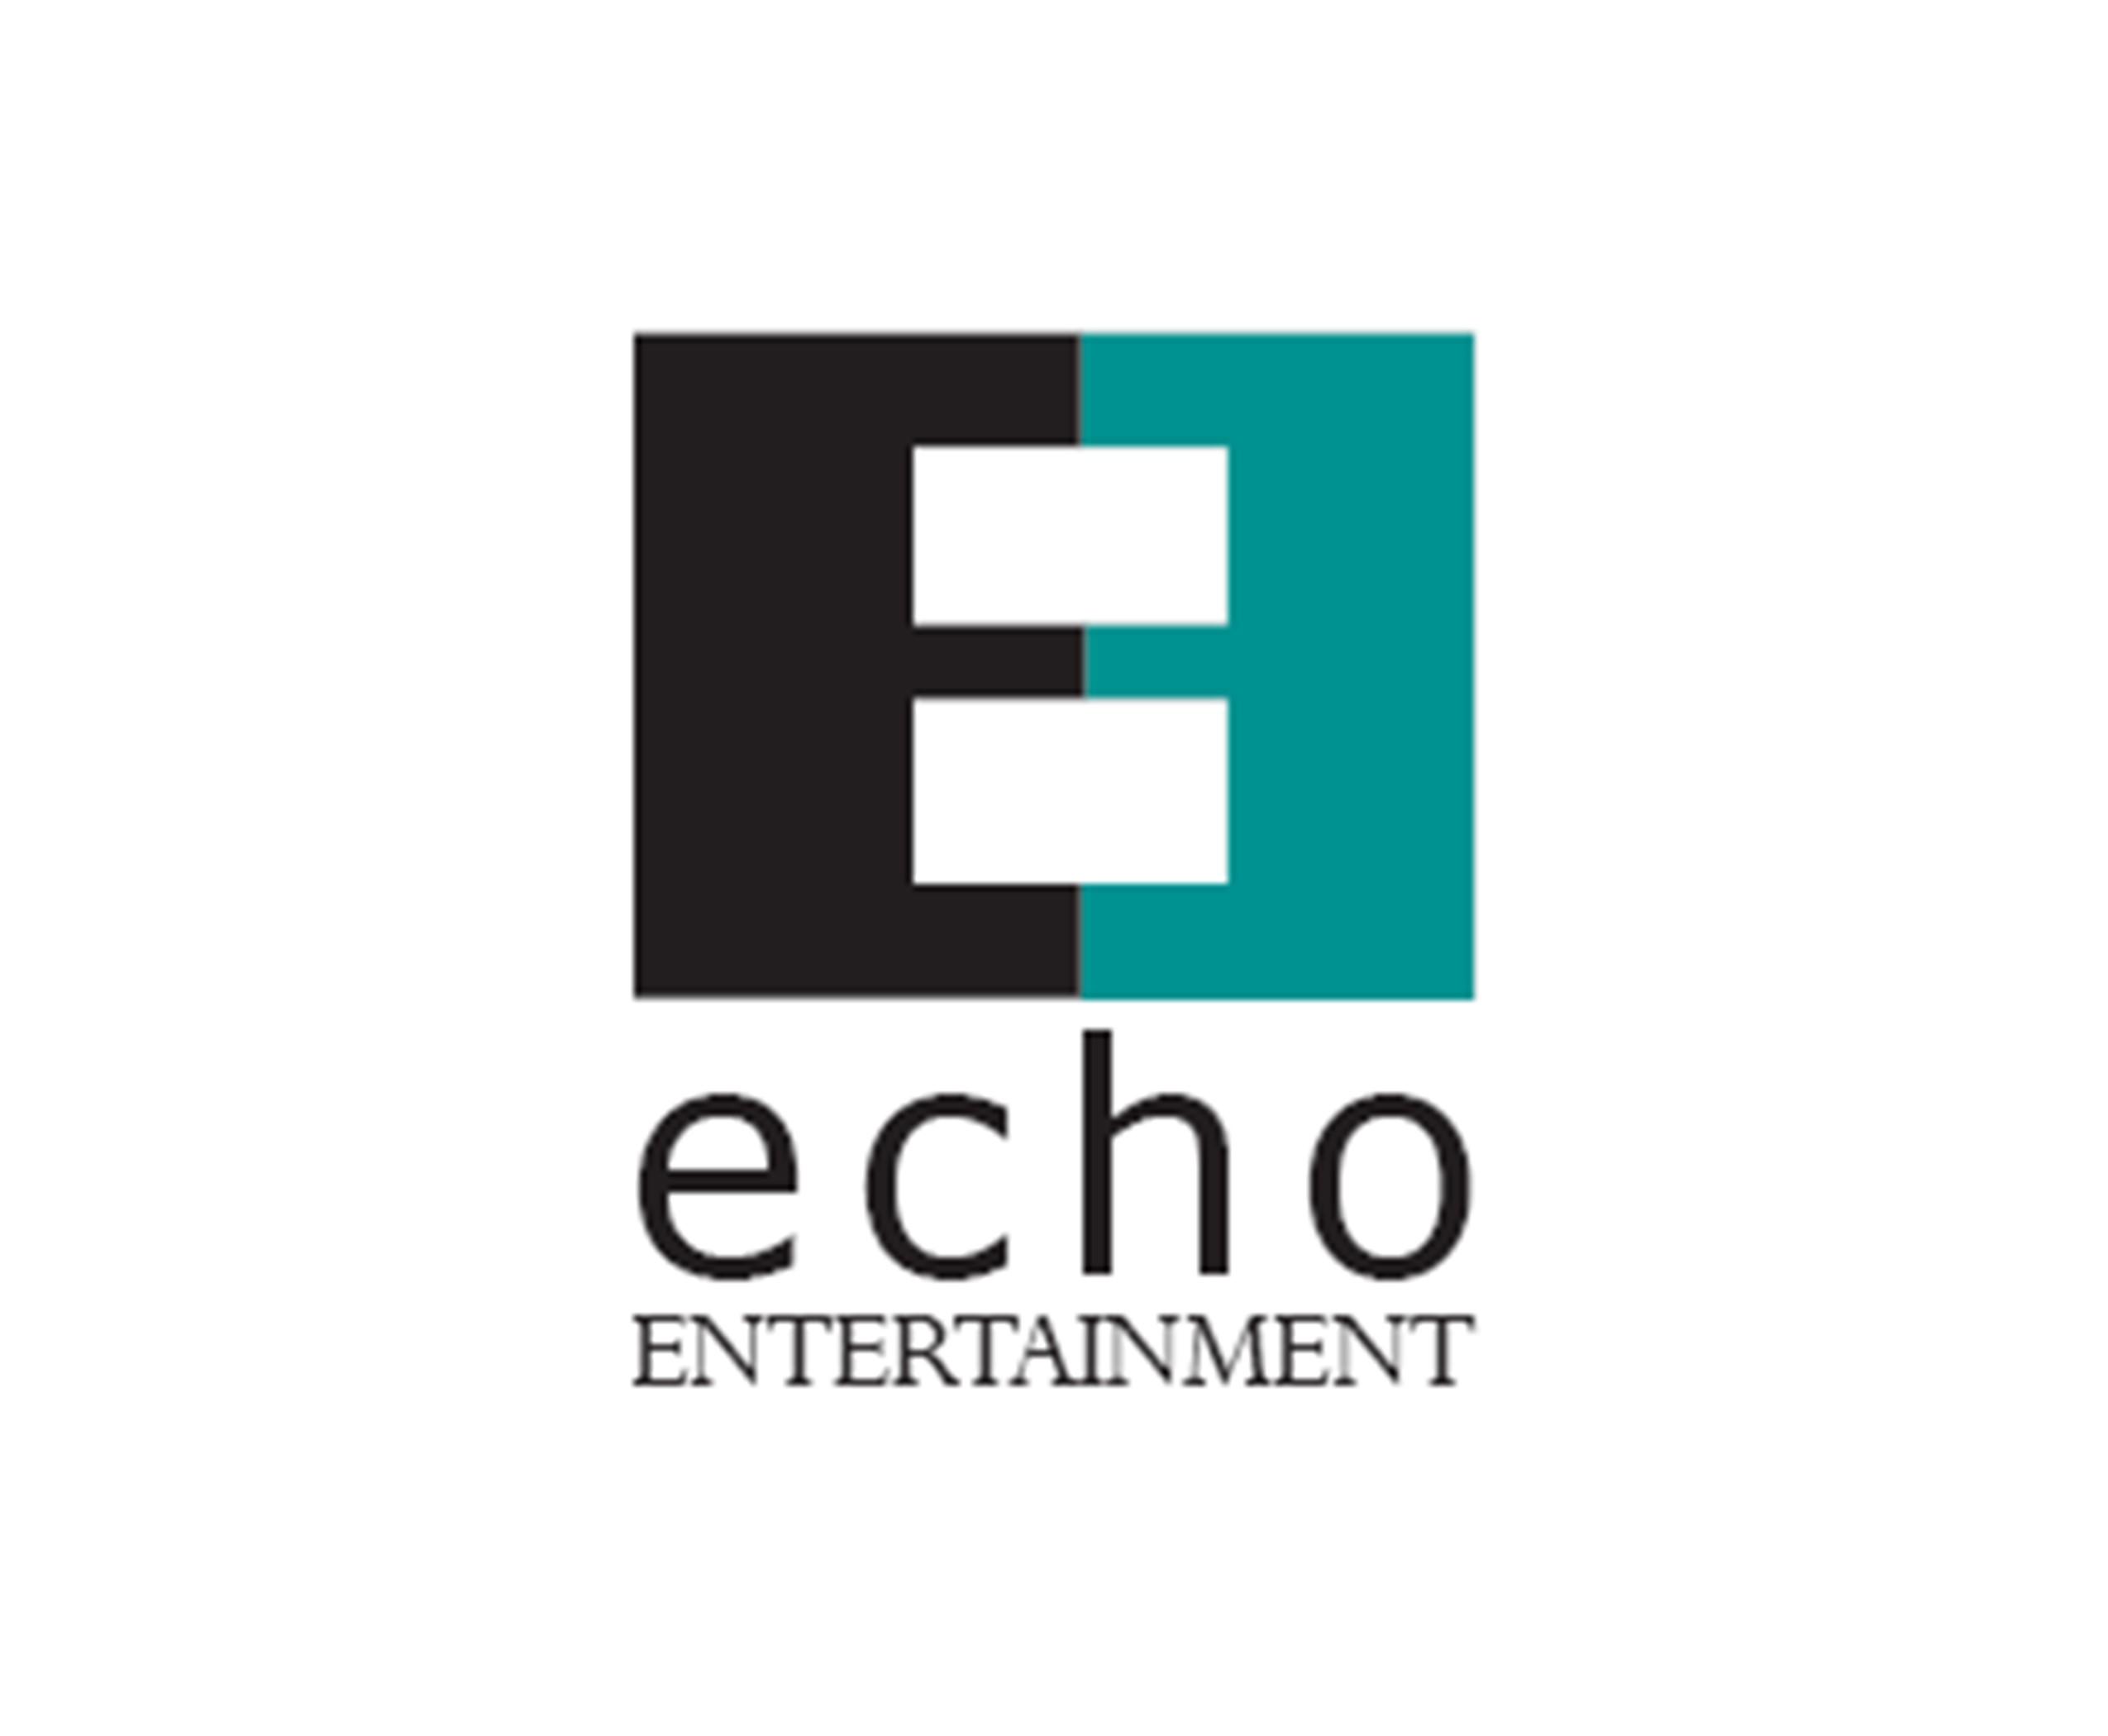 ECHO ENTERTAINMENT PATCH